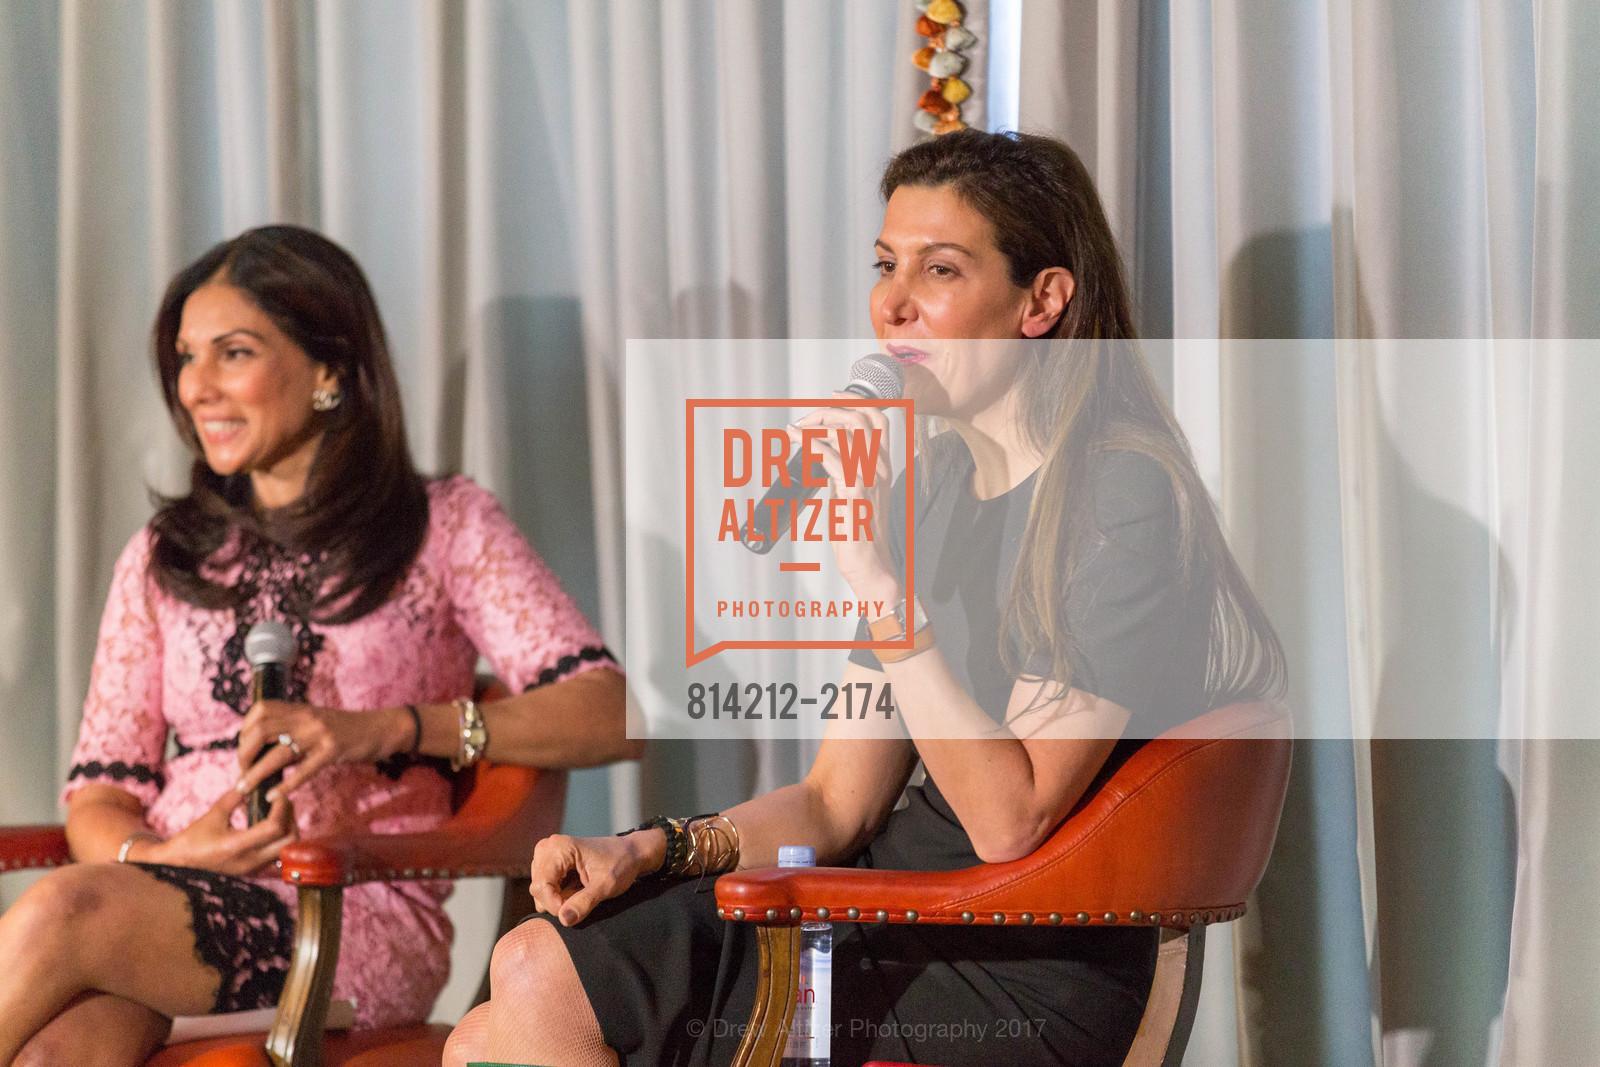 Shelly Kapoor Collins, Tina Sharkey, Photo #814212-2174